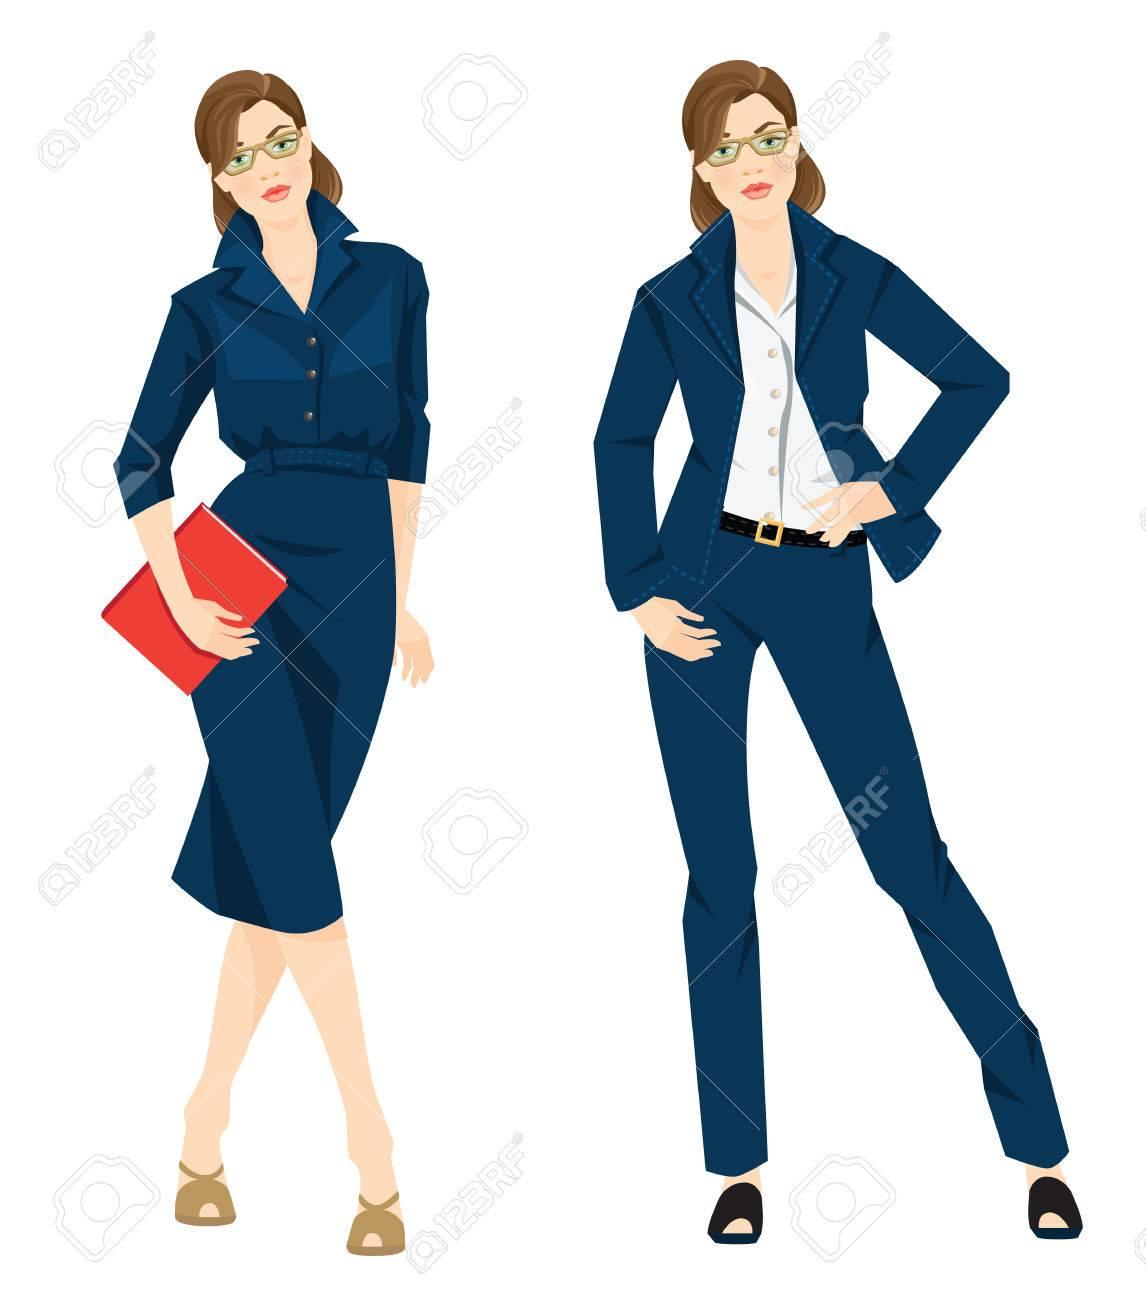 936b08507 Ilustración del vector de código de vestimenta corporativa. Mujer de  negocios o profesor en el vestido azul blusa blanca formales, pantalón azul  y ...